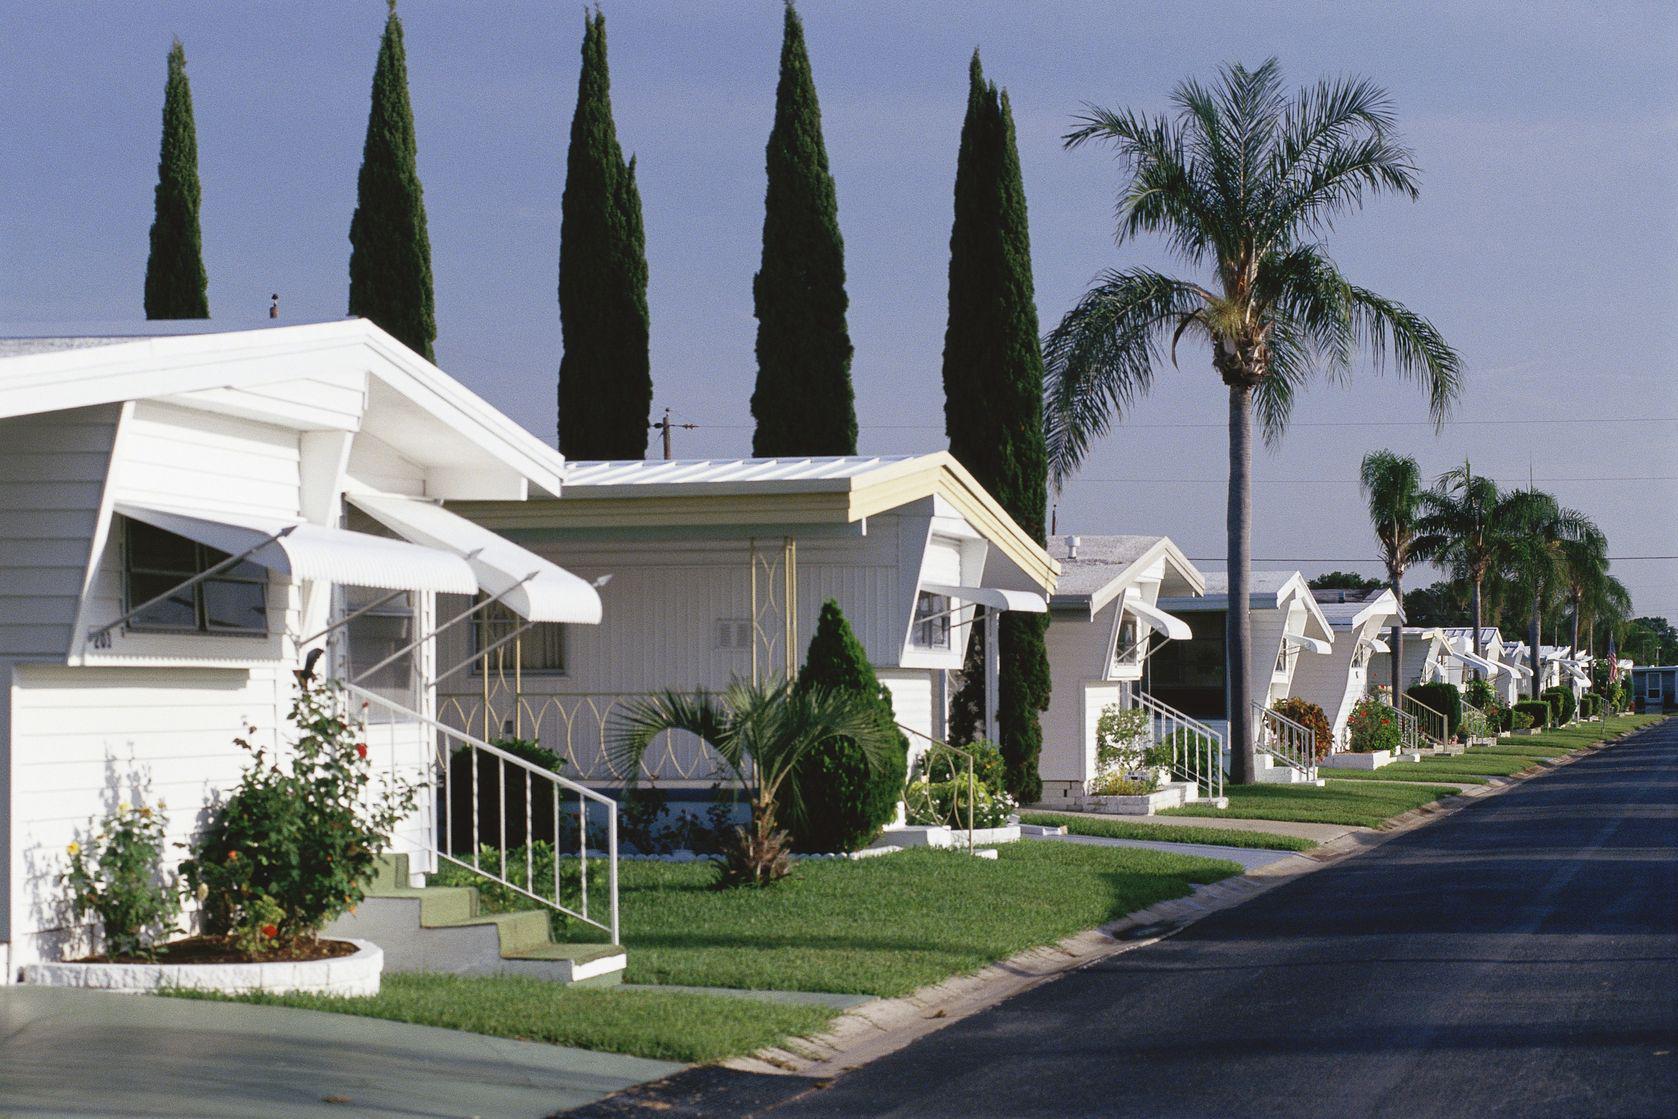 No depreciation of labor in acv claim arkansas high court - Do modular homes depreciate ...